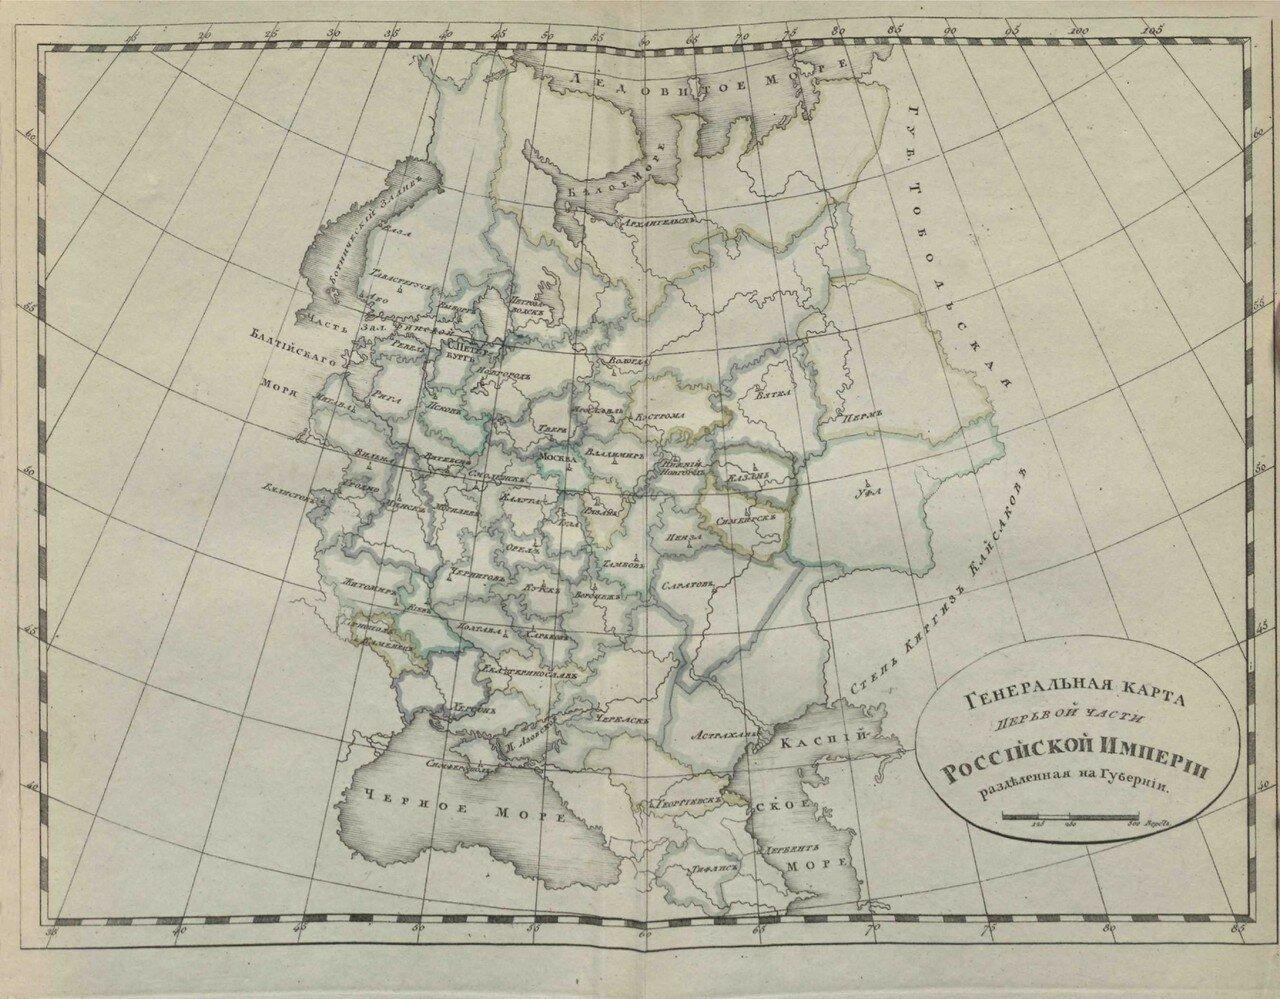 34. Генеральная карта первой части Российской Империи, разделенной на губернии